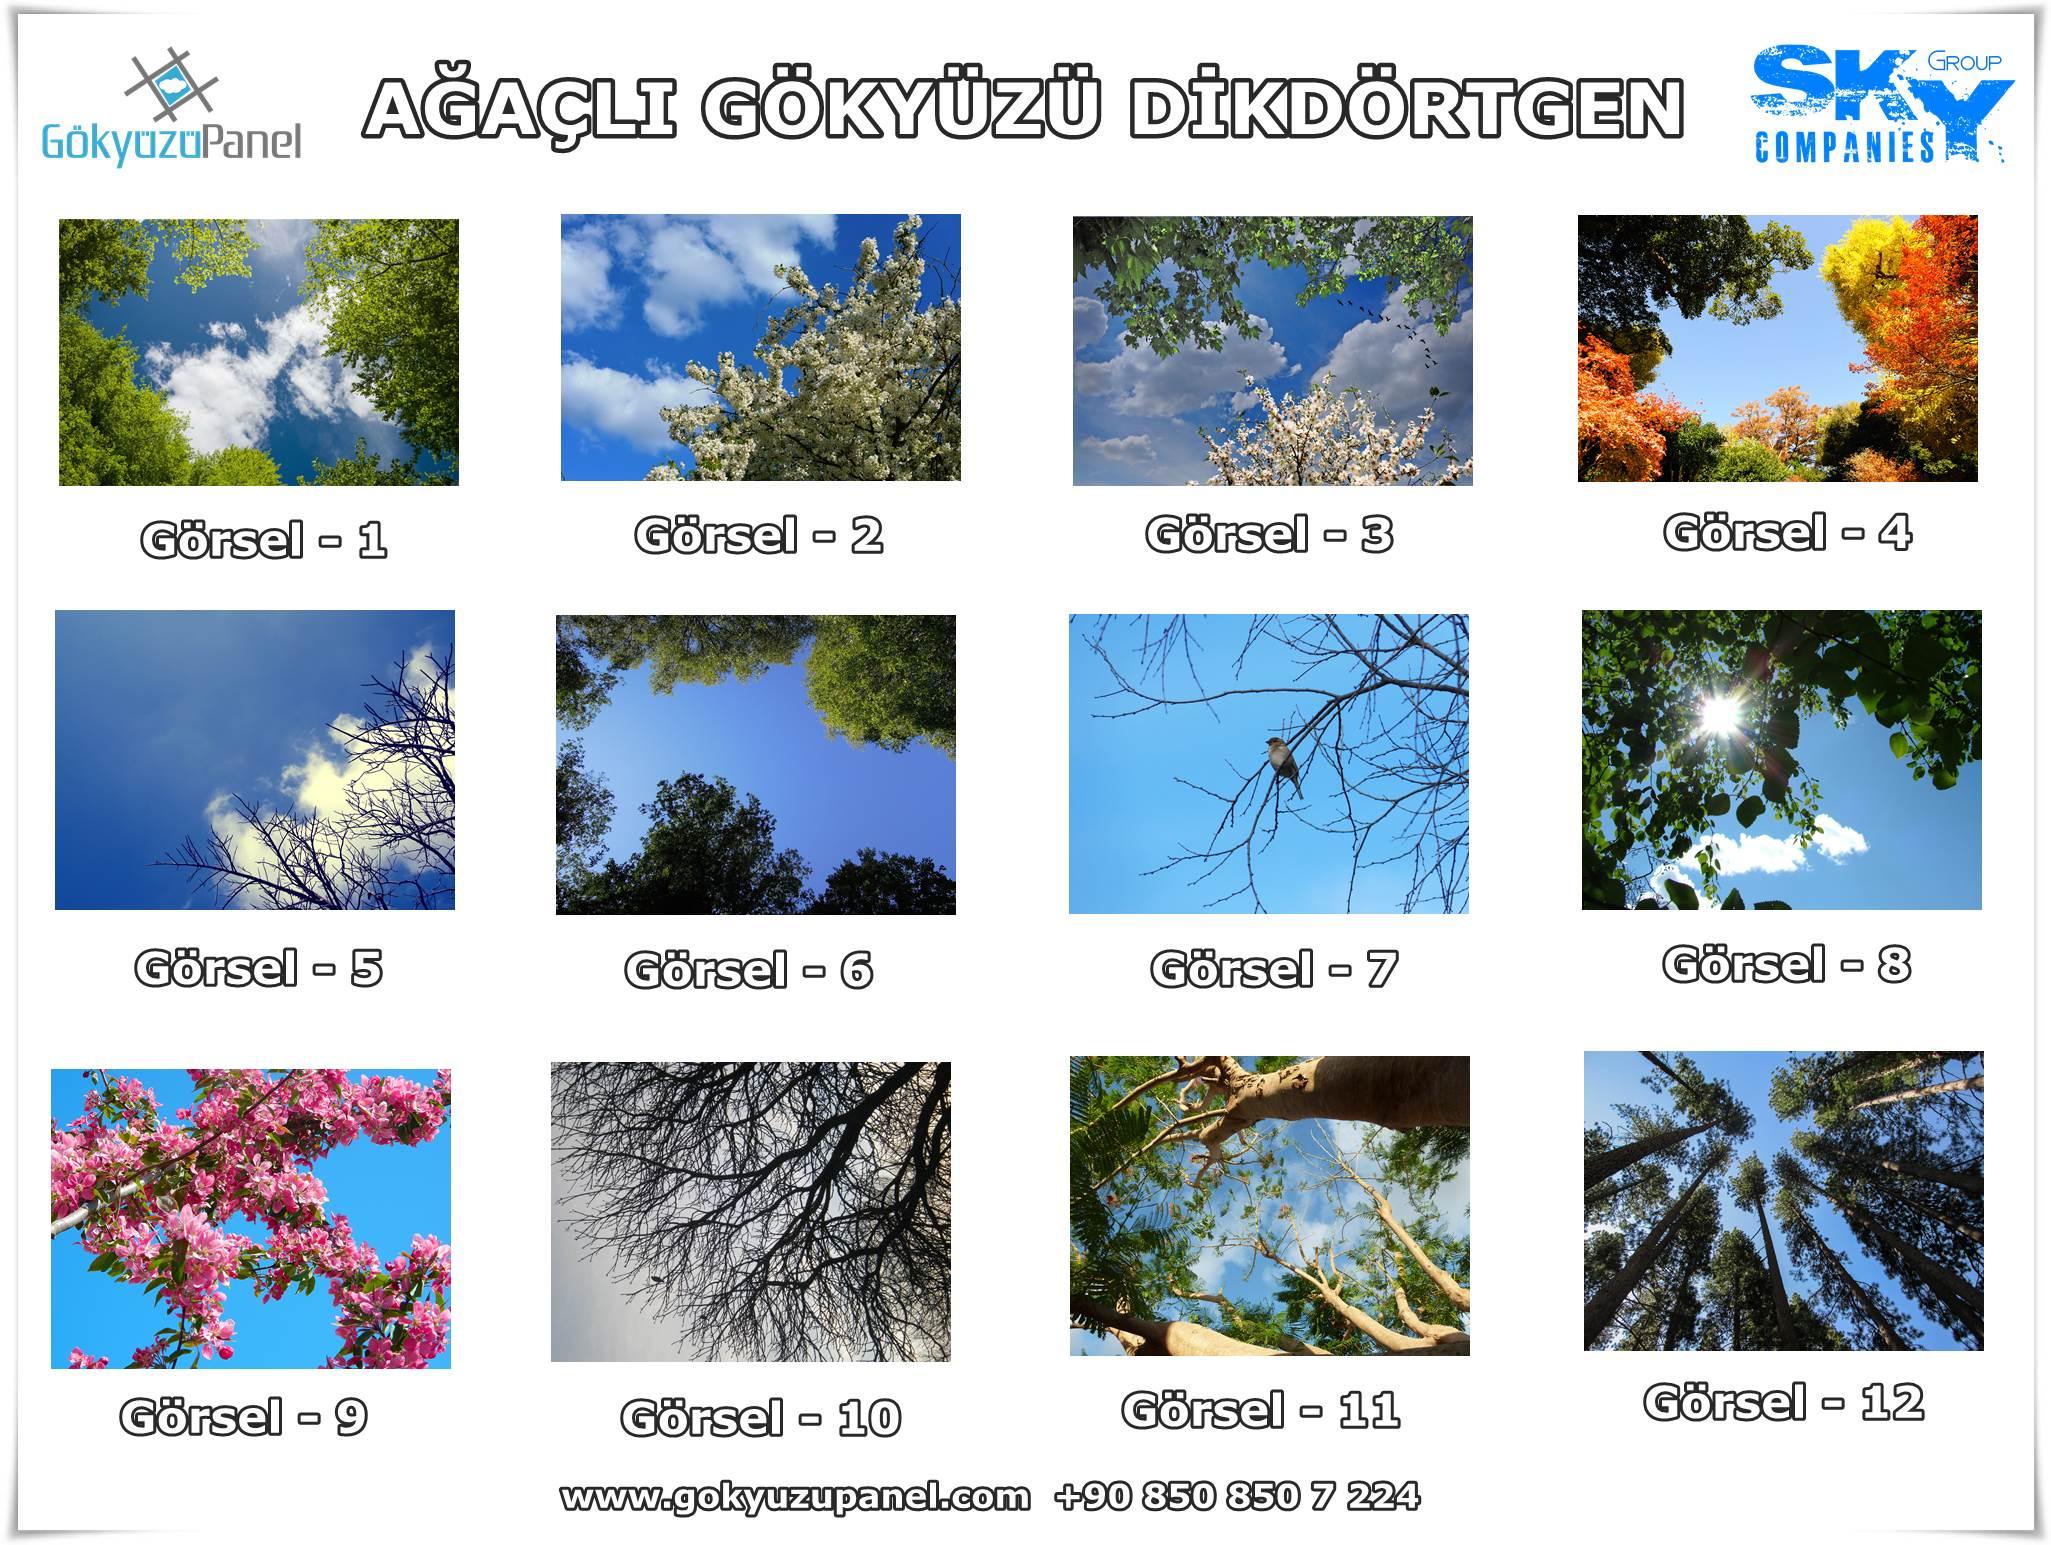 Ağaçlı Gökyüzü Dikdörtgen